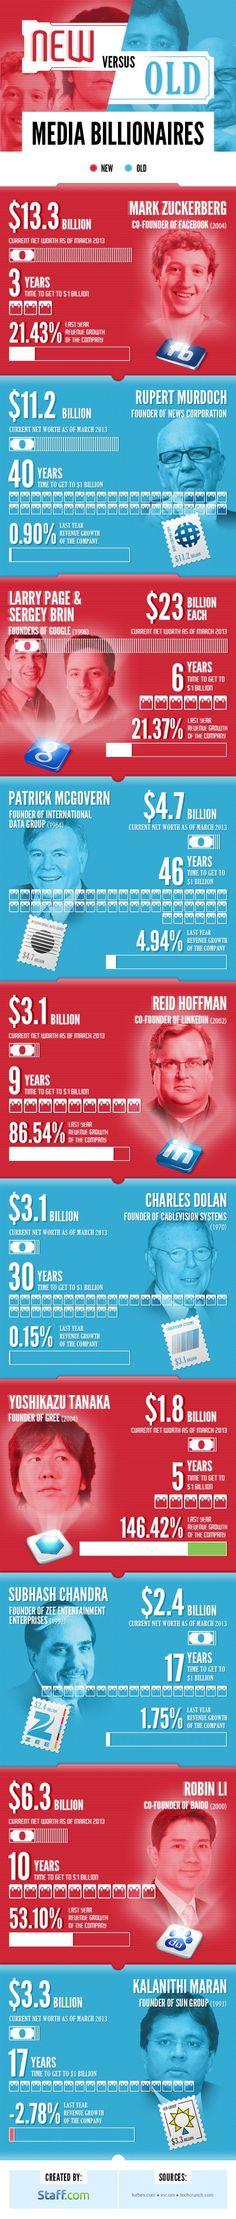 Media Billionaires: Zuckerberg vs. Murdoch (Infographic)